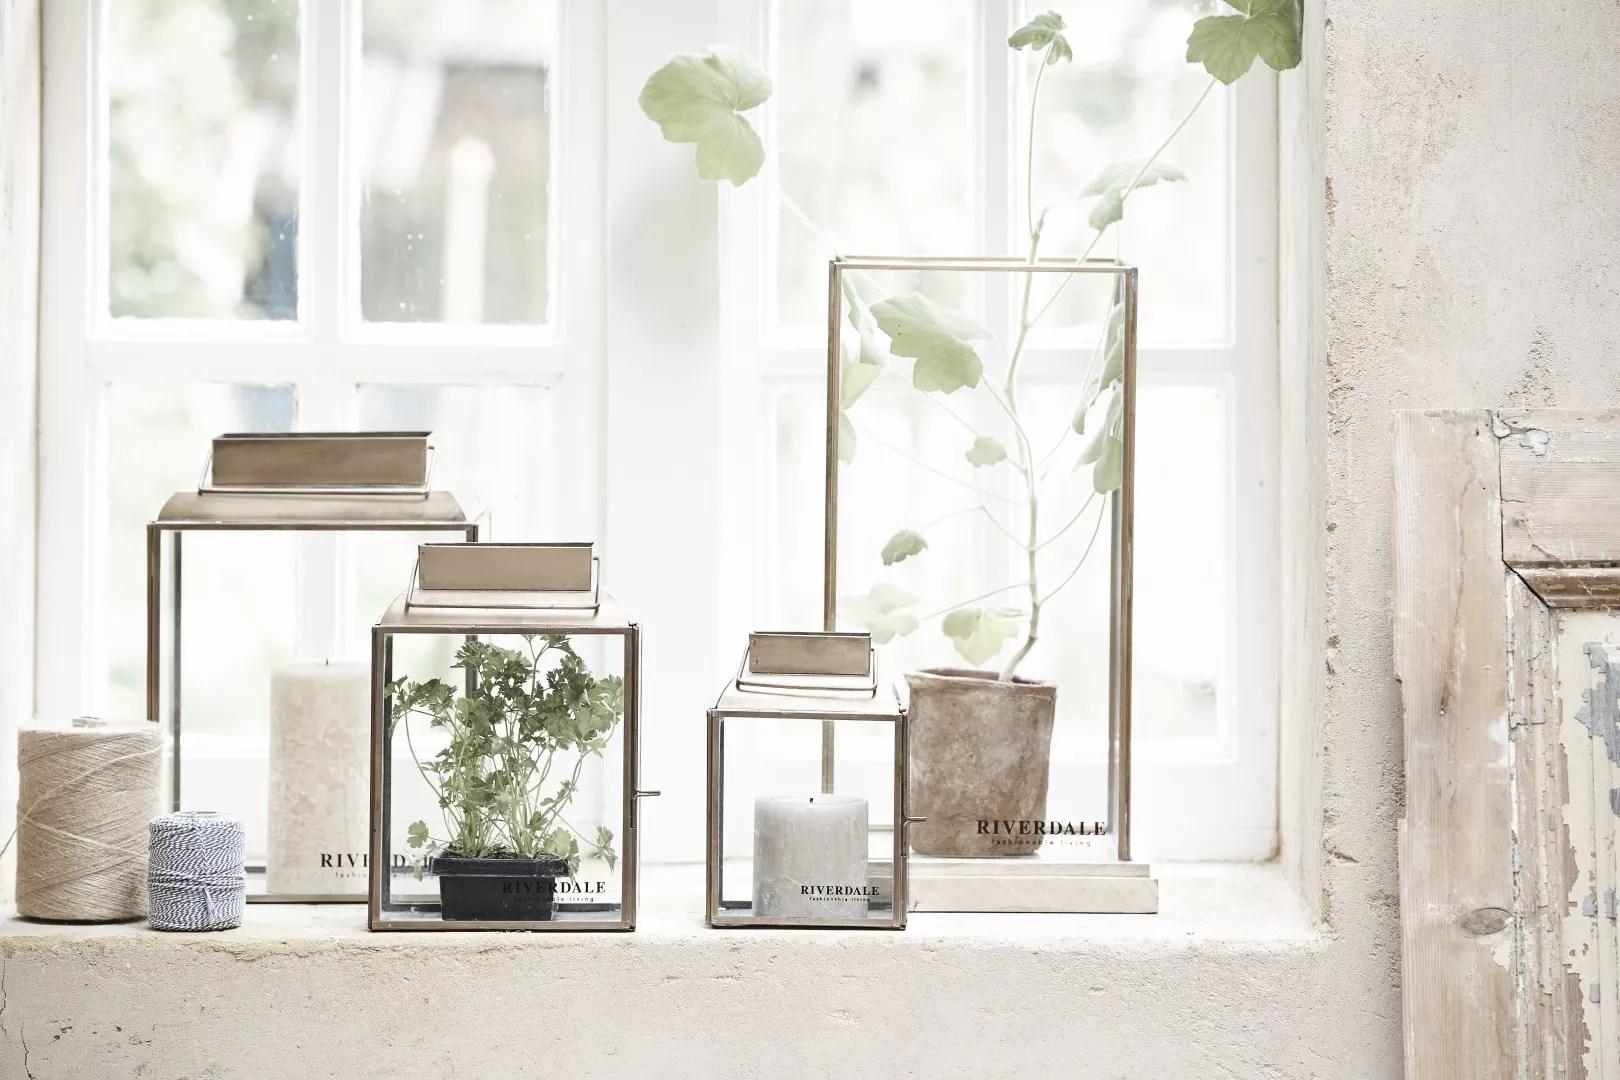 Wonen In Wit : Interieur wonen in de bohemian stijl u stijlvol styling